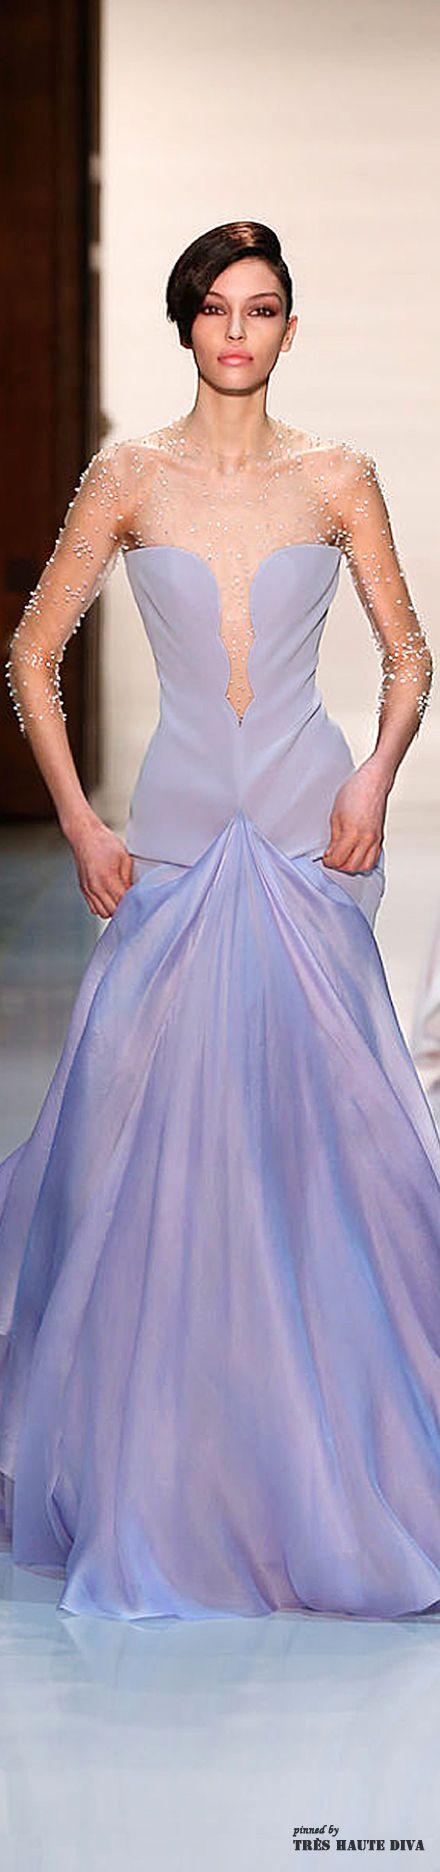 Blaue Hochzeit - Schöne Kleider ...... Blues #2118841 - Weddbook